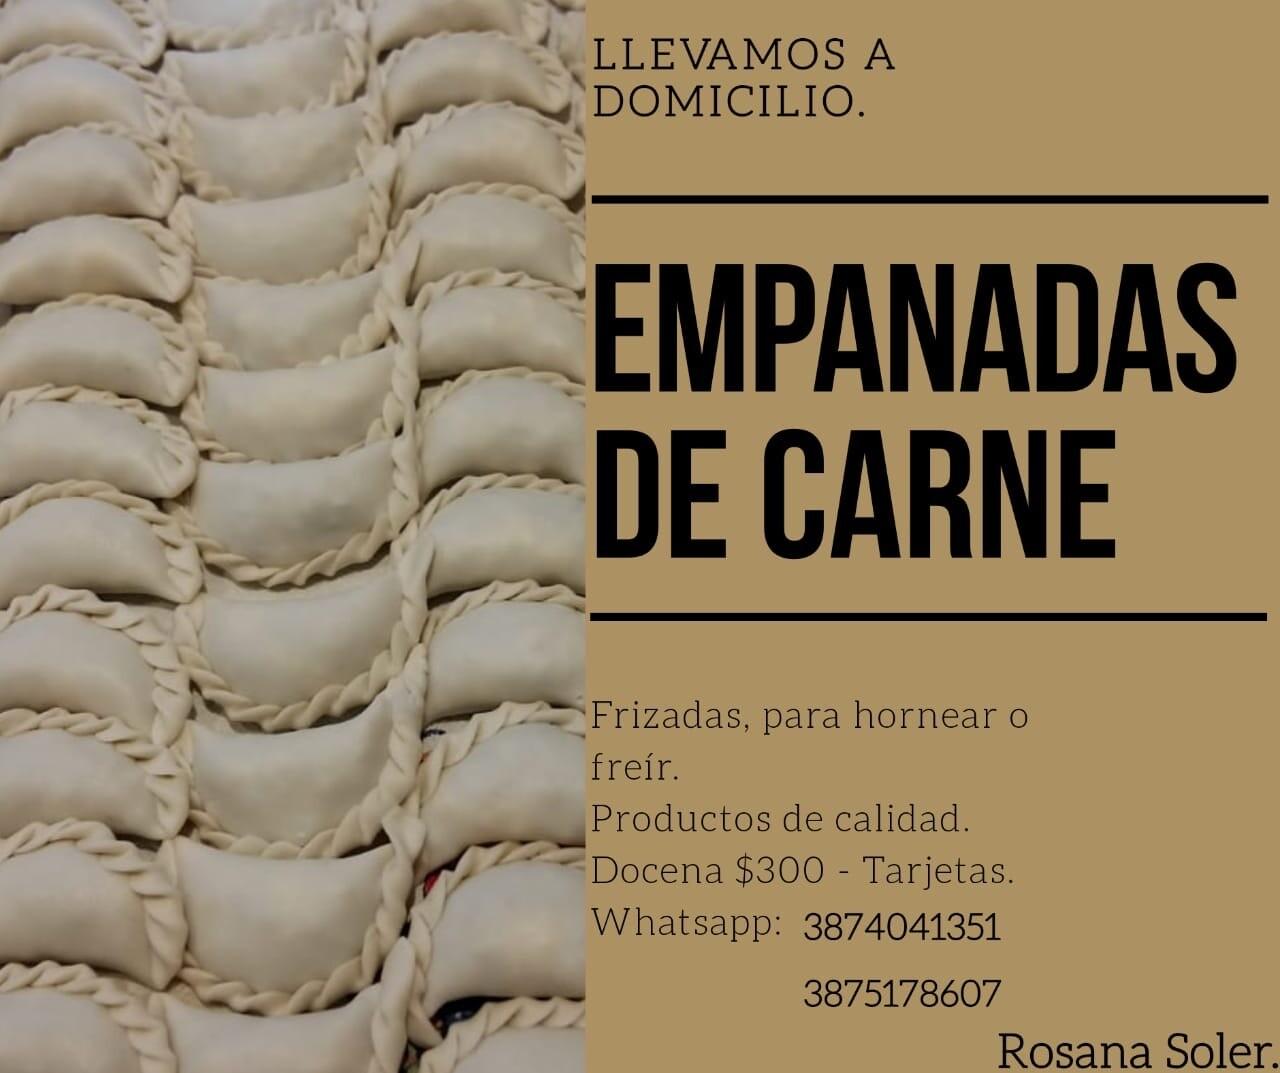 Rosana Soler Empanadas Carne